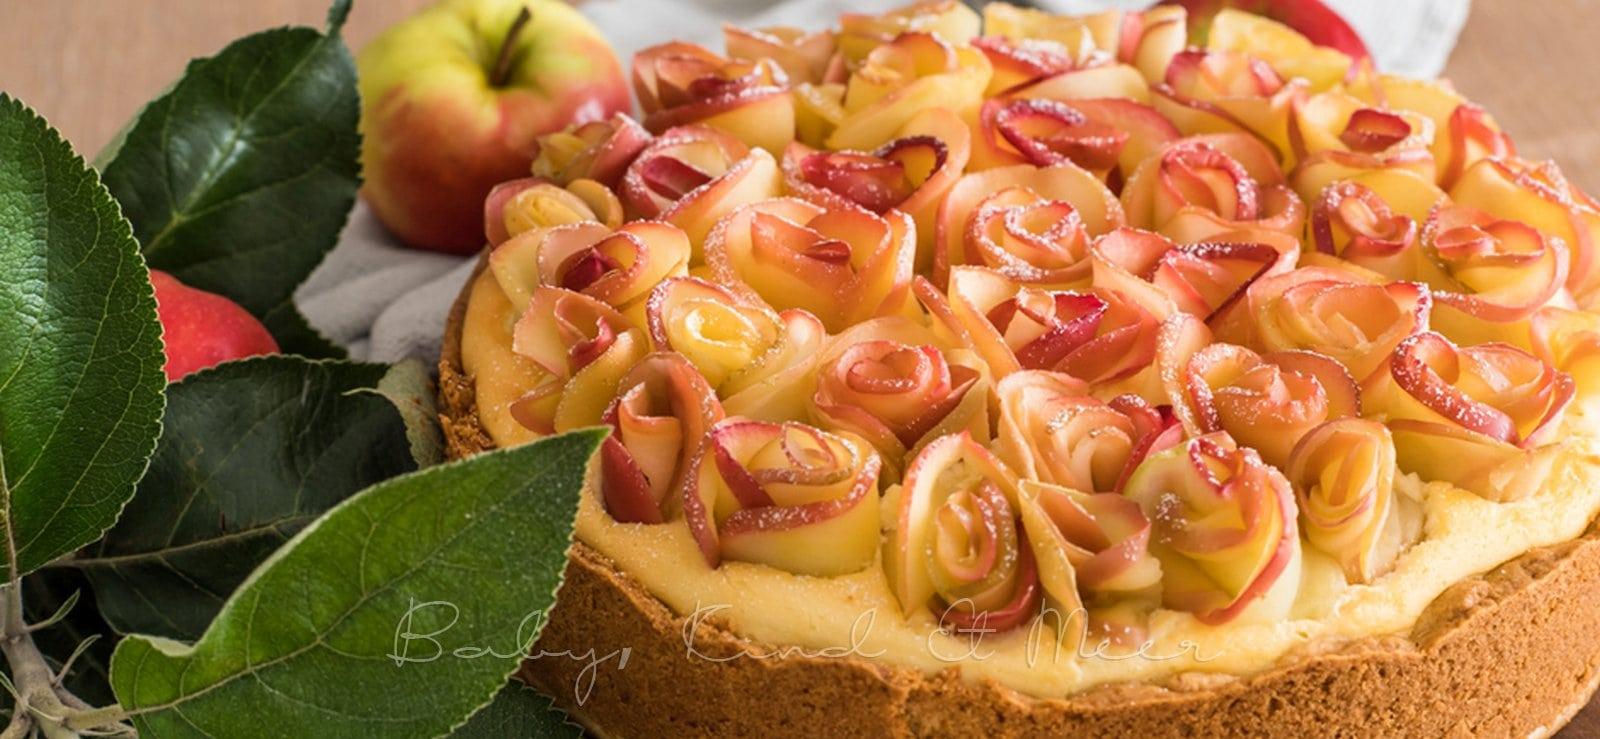 Apfelrosen Kaesekuchen babykindundmeer